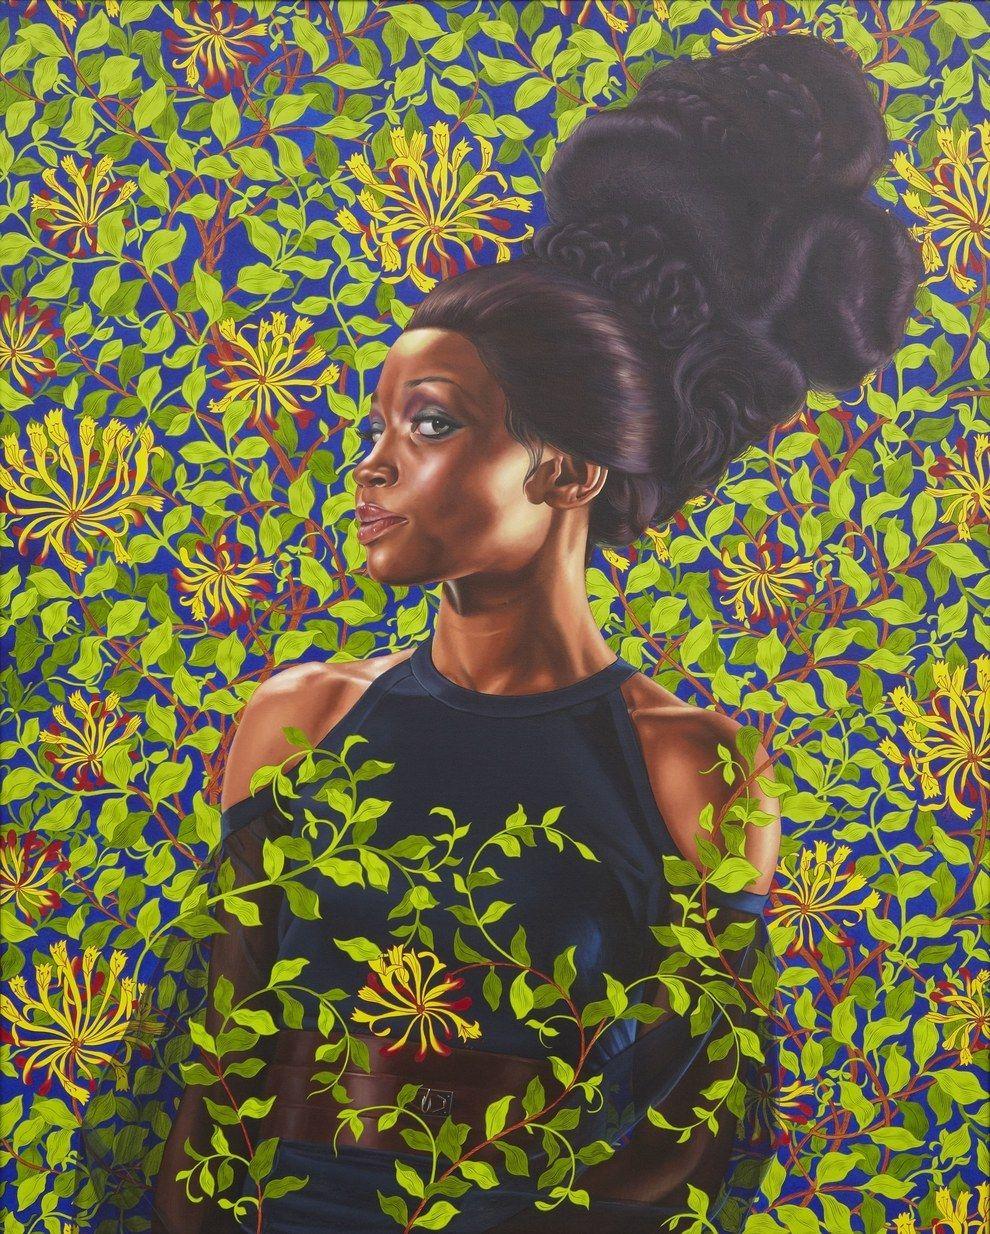 Artist Blends Hip-Hop With Renaissance To Make Beautiful Art